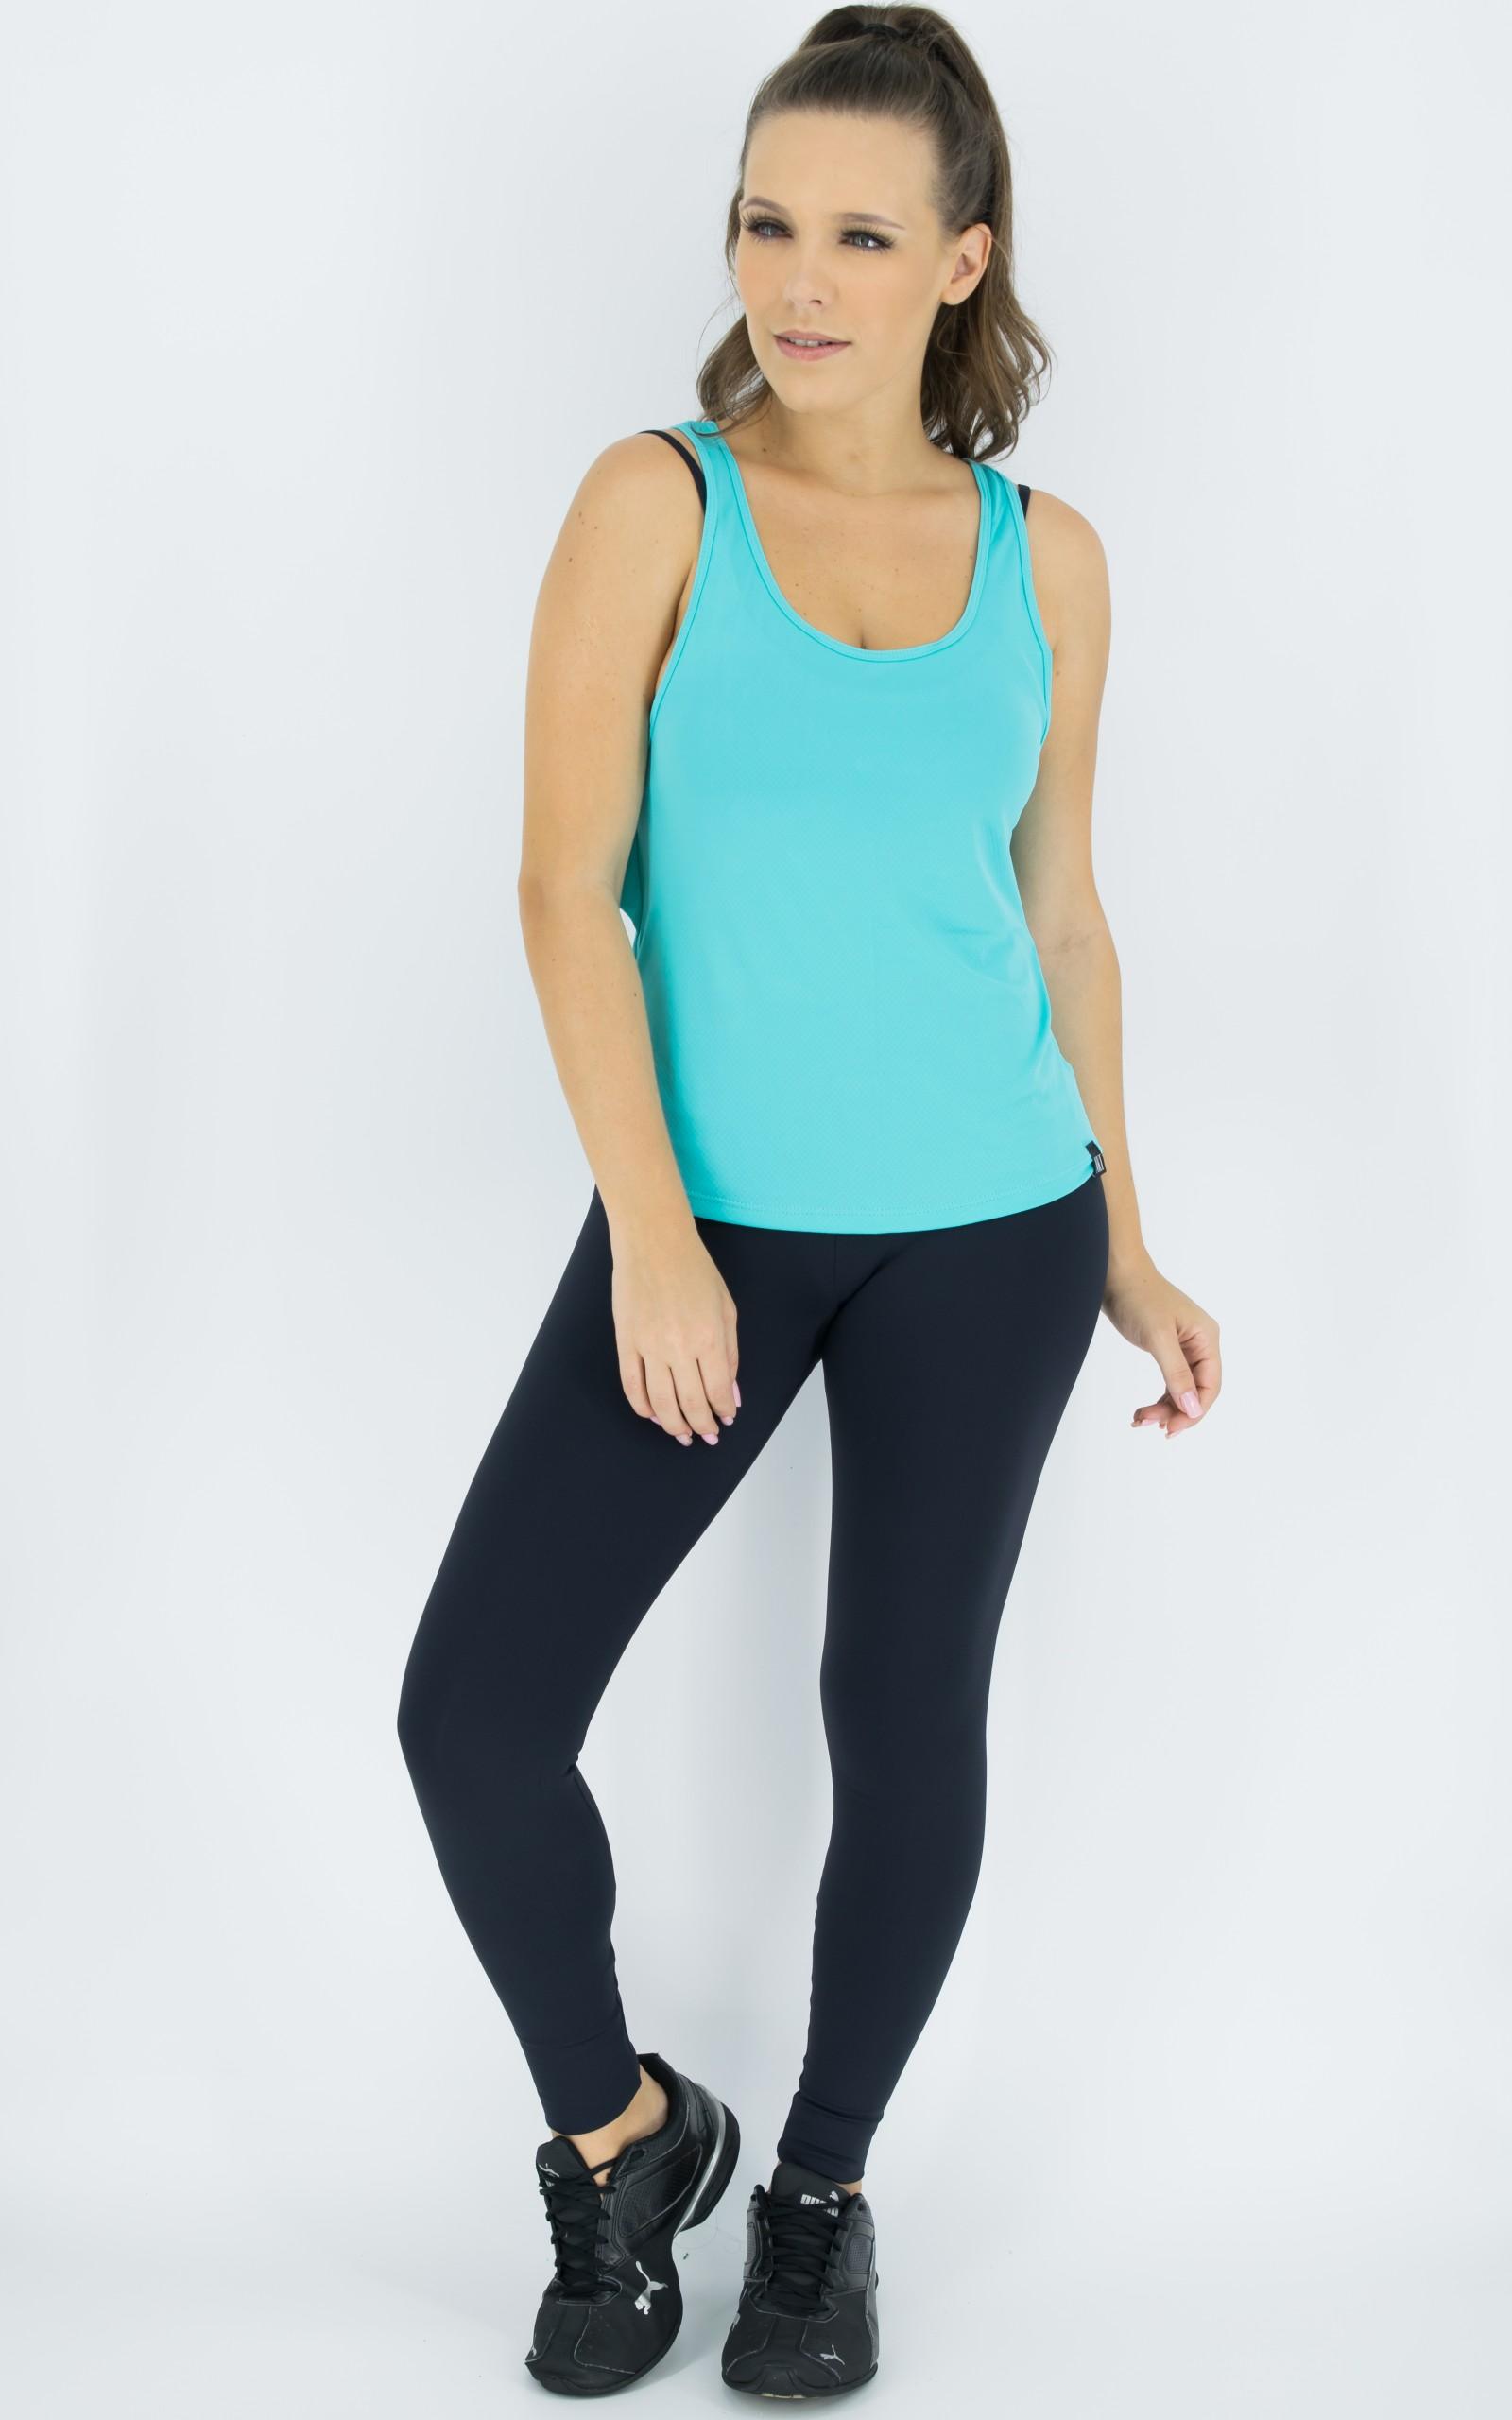 Regata Lux Azul, Coleção Move Your Body - NKT Fitwear Moda Fitness